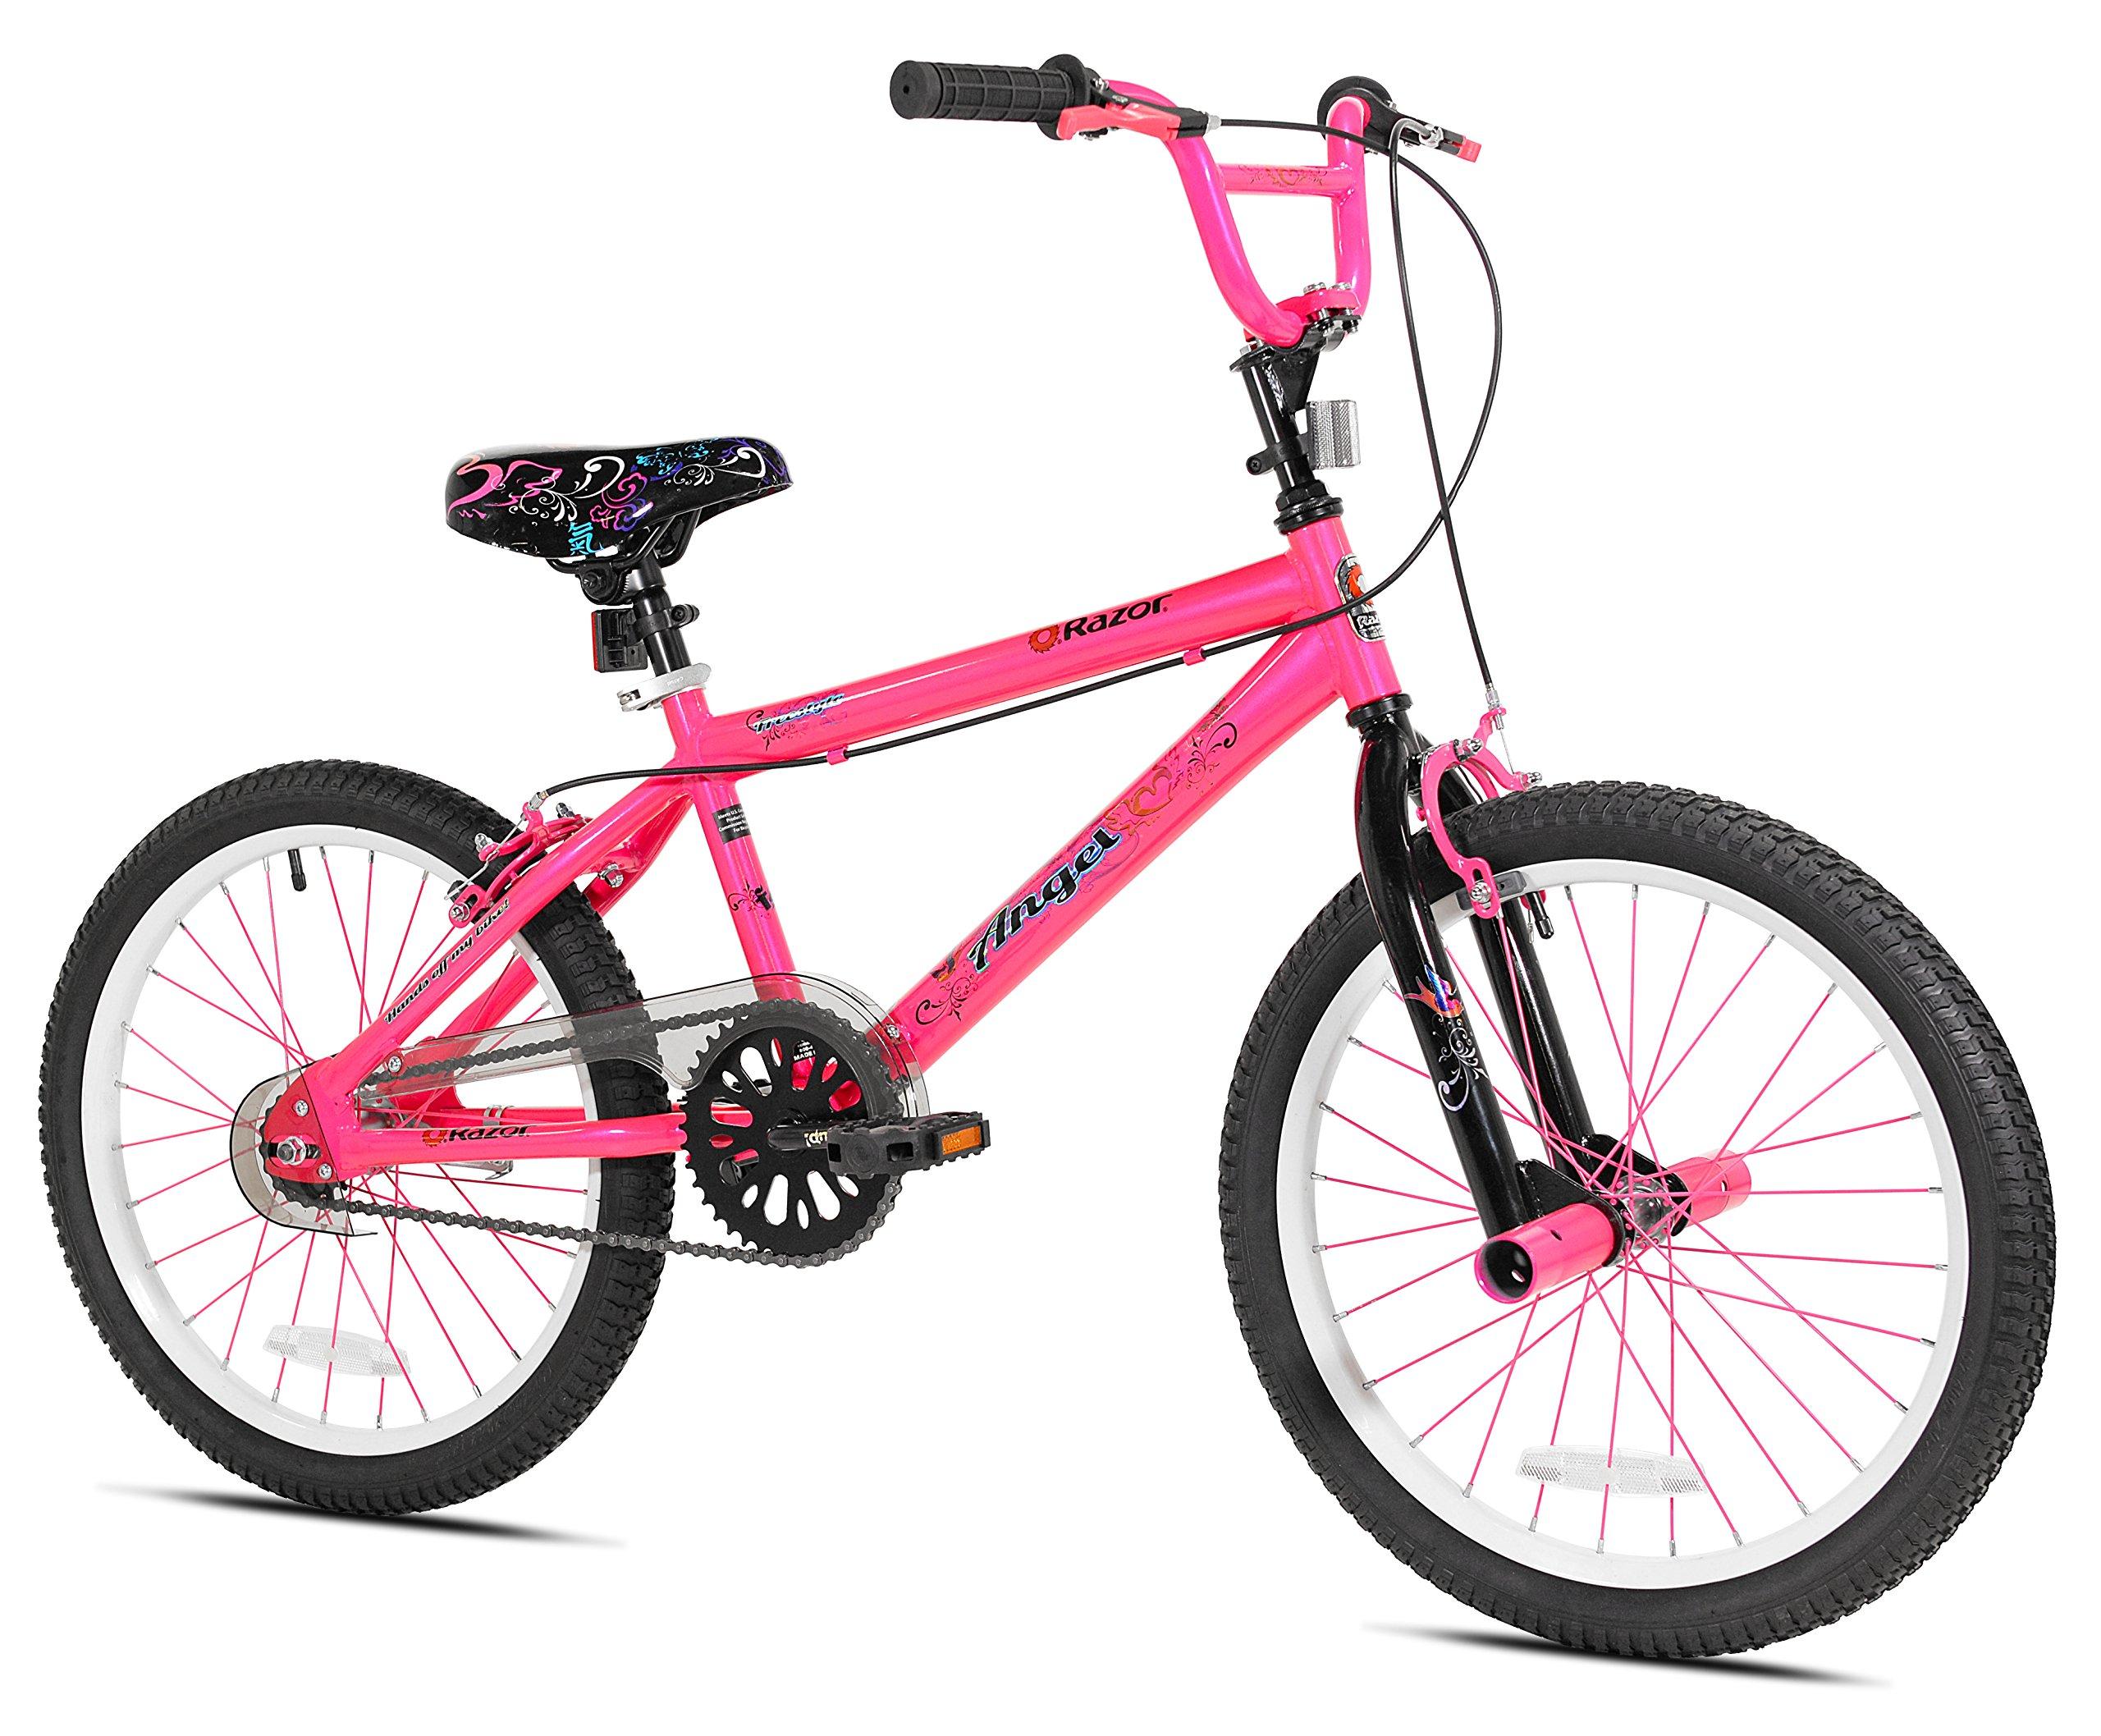 Razor Angel Girls' Bike, Pink by Razor